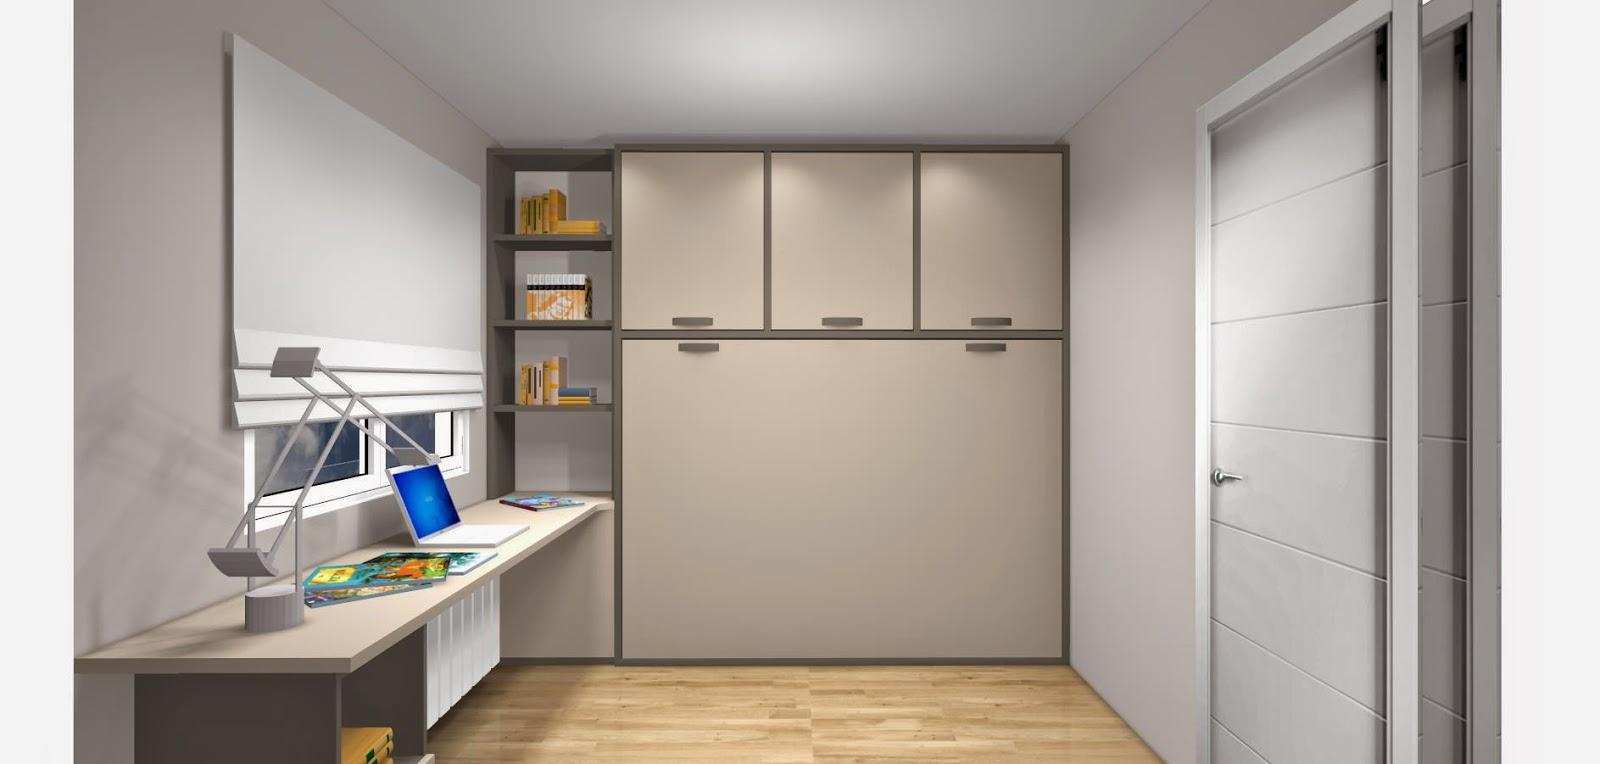 Dise o de cuartos o dormitorios juveniles for Dormitorio invitados